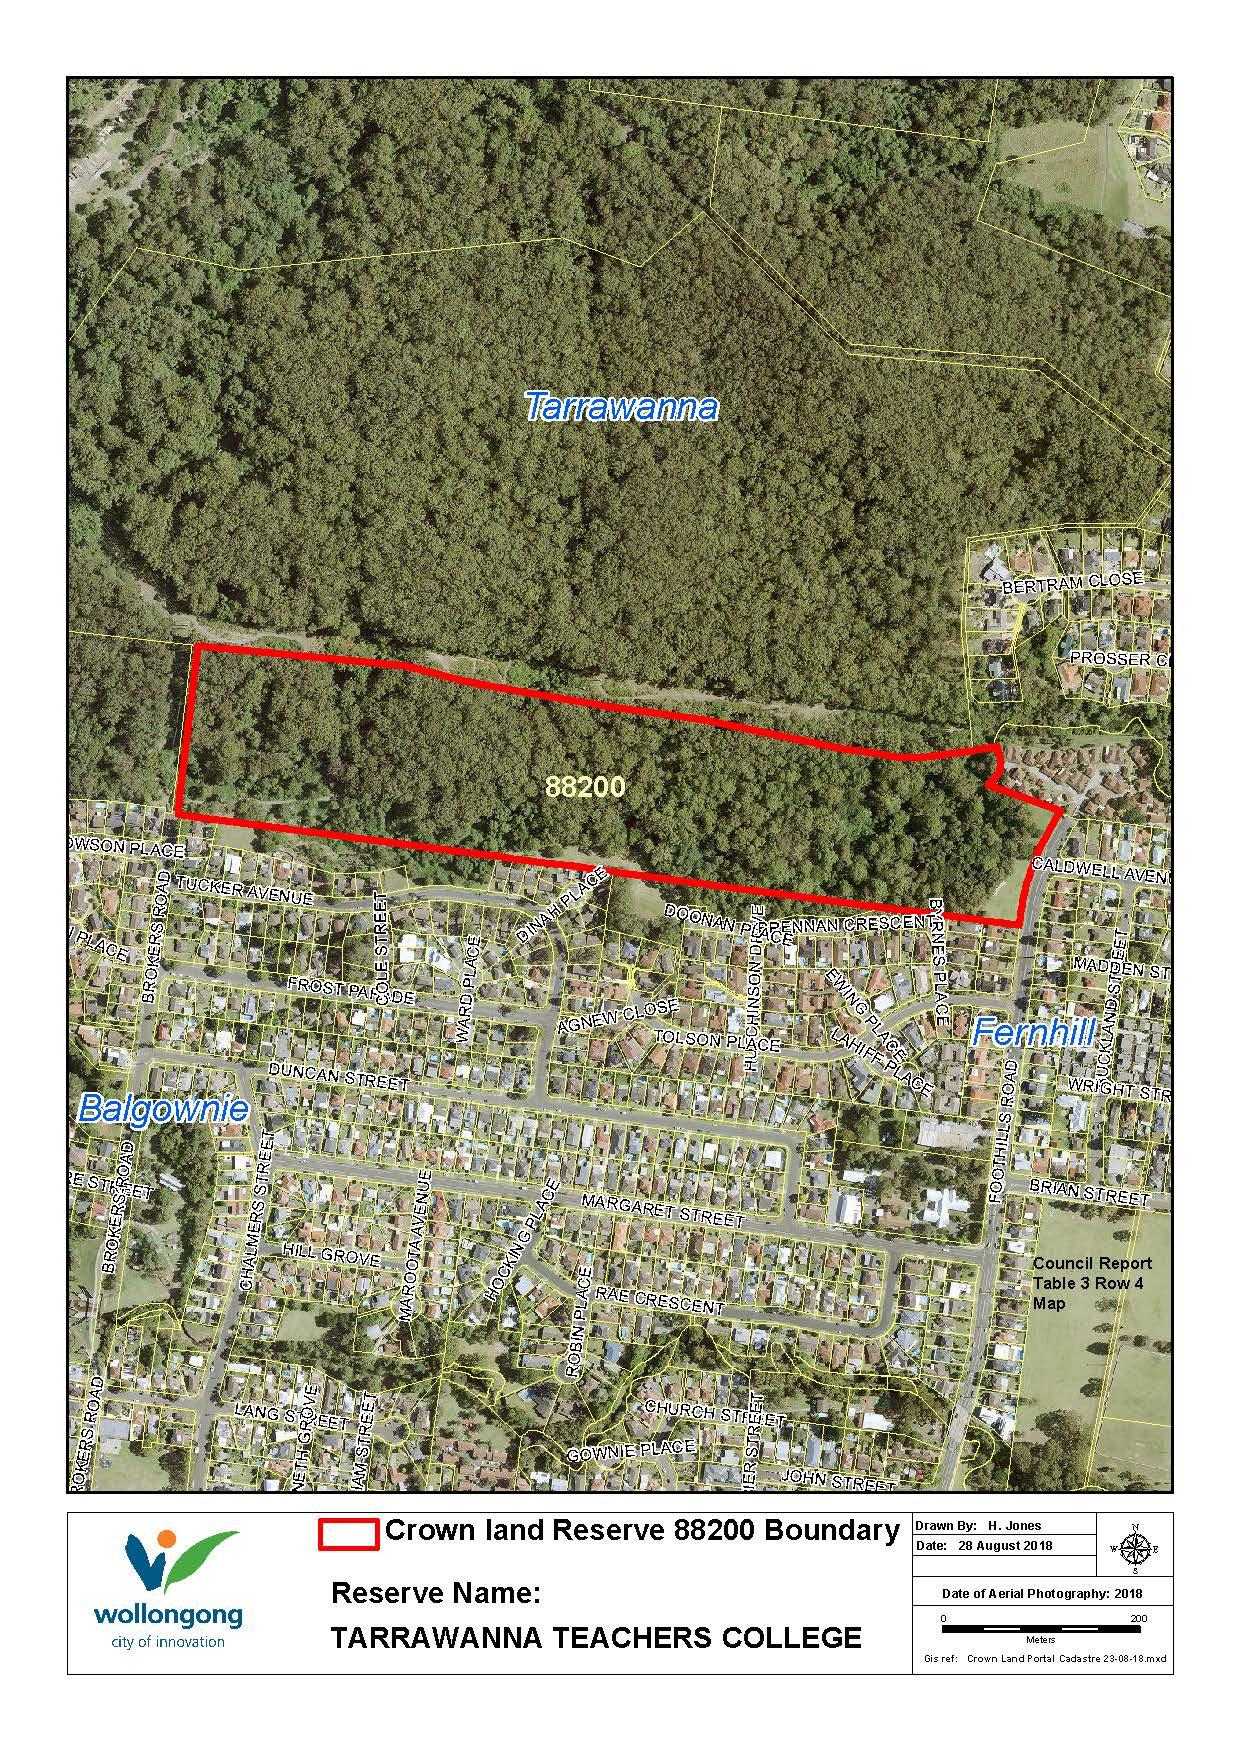 Tarrawanna teachers college reserve 88200  map z19 91154